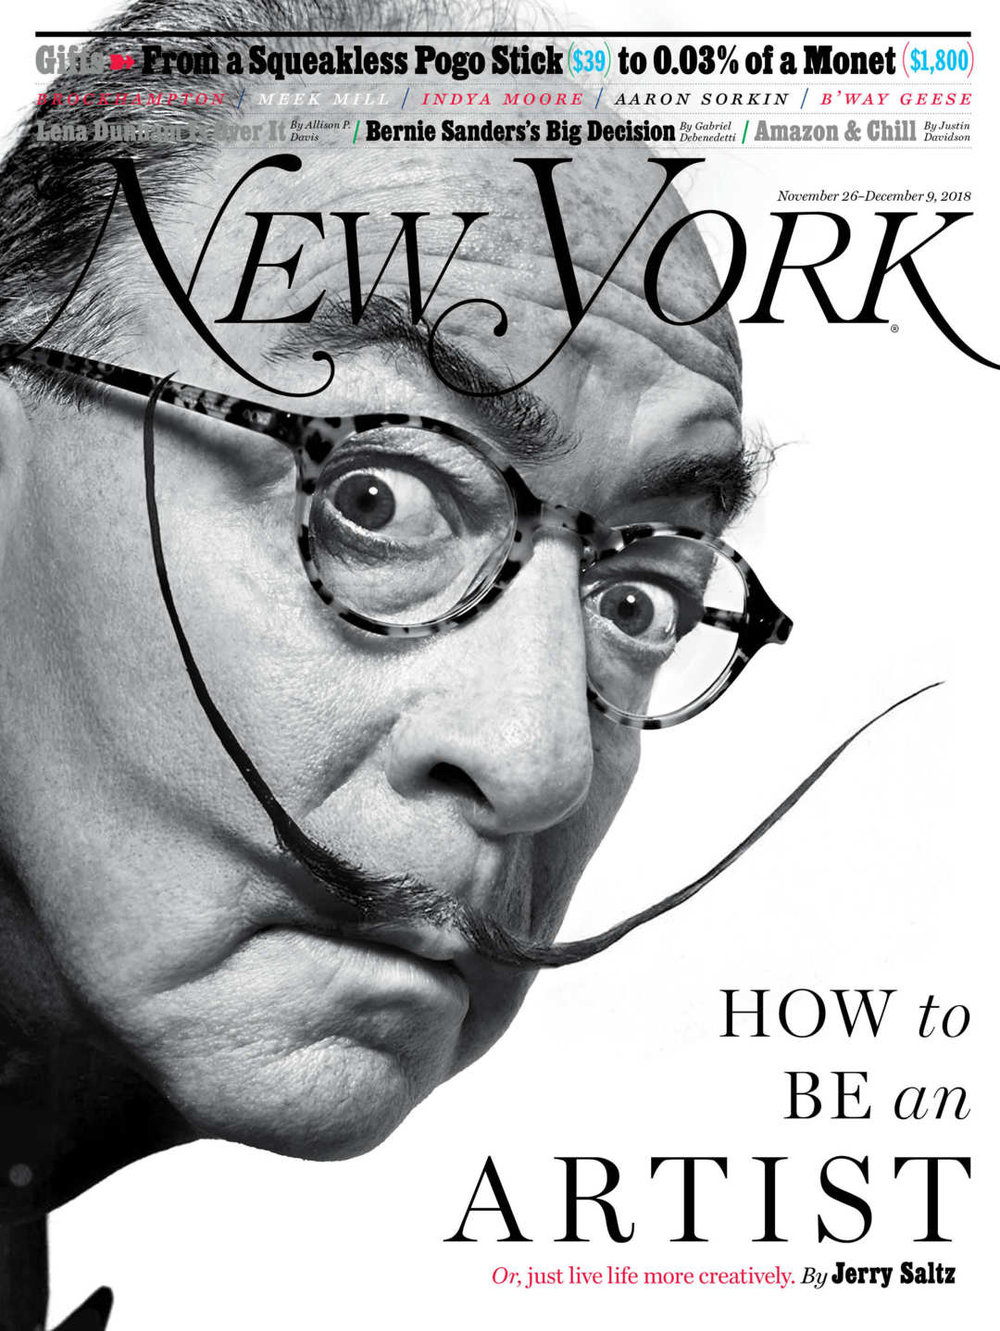 New York Magazine December 9, 2018 Cover.jpg